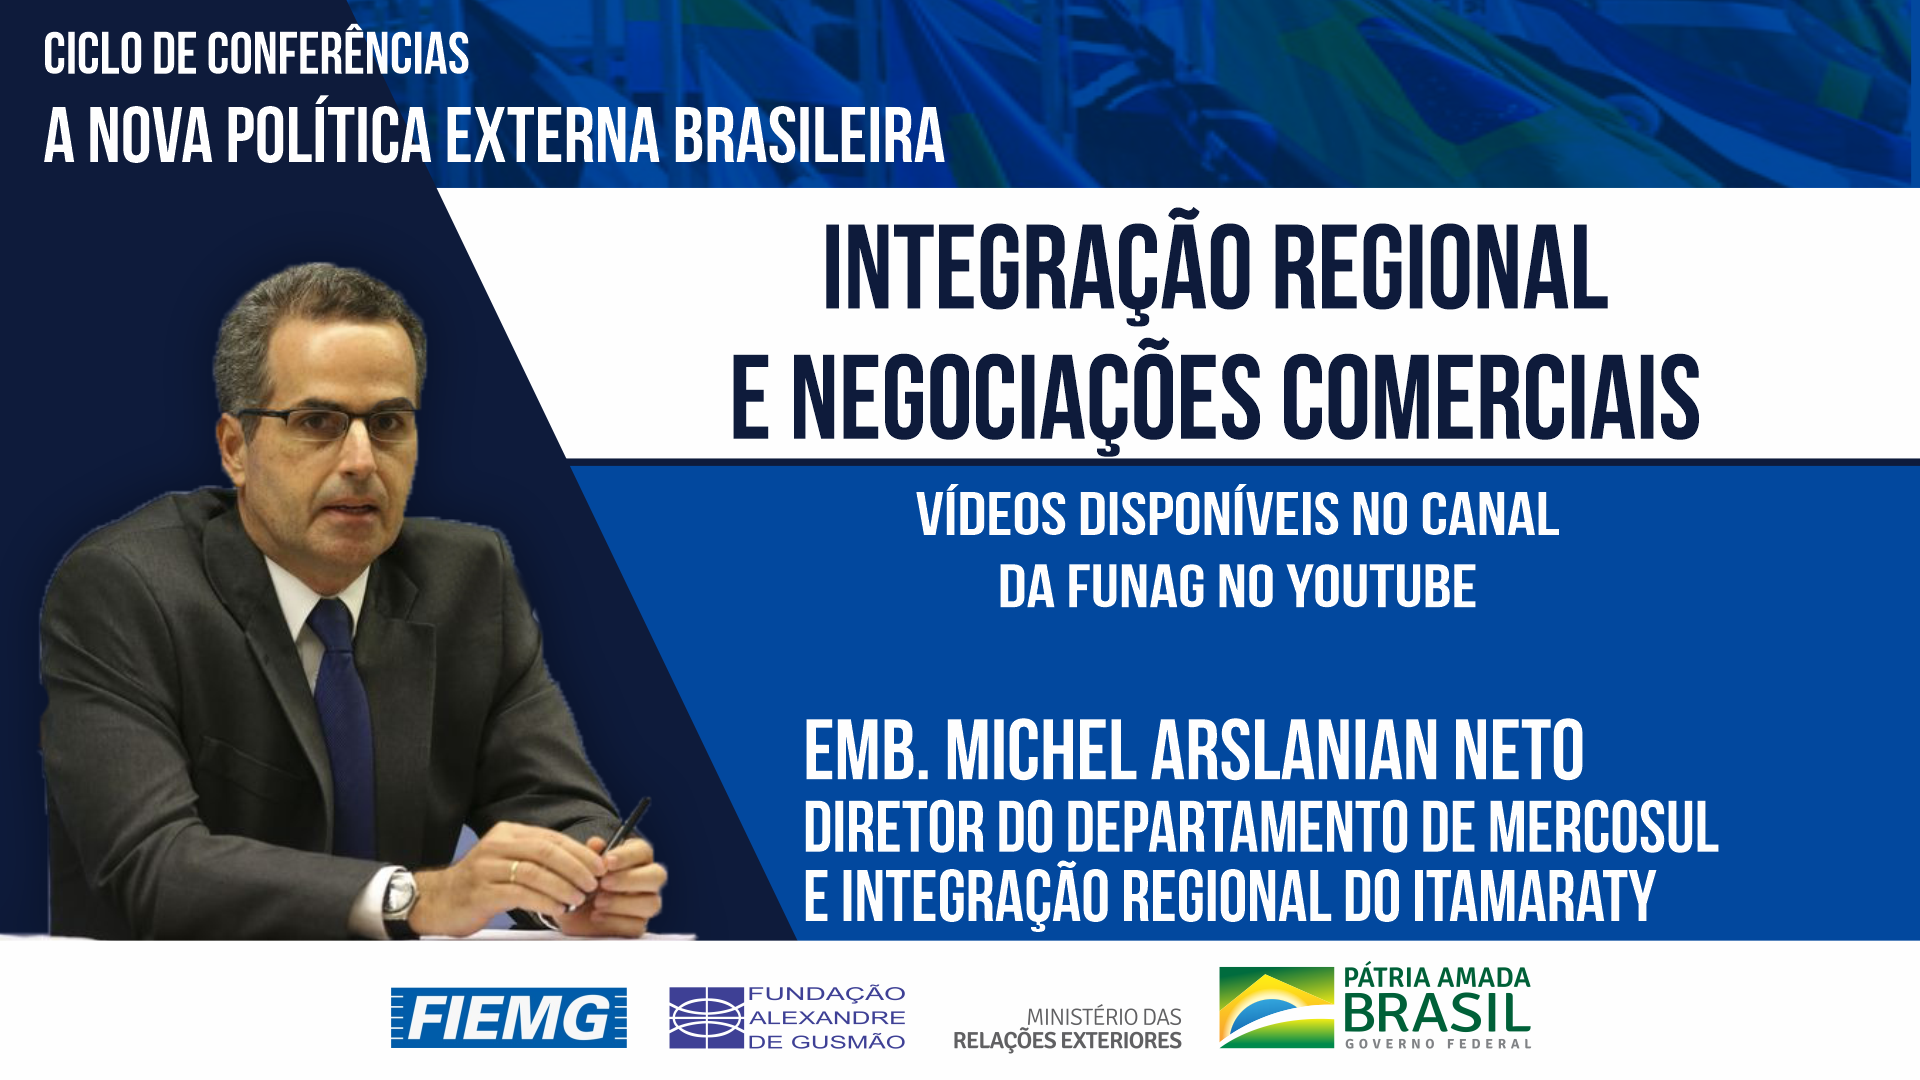 Assista à conferência do diretor do Departamento de MERCOSUL e Integração Regional do Itamaraty, embaixador Michel Arslanian Neto